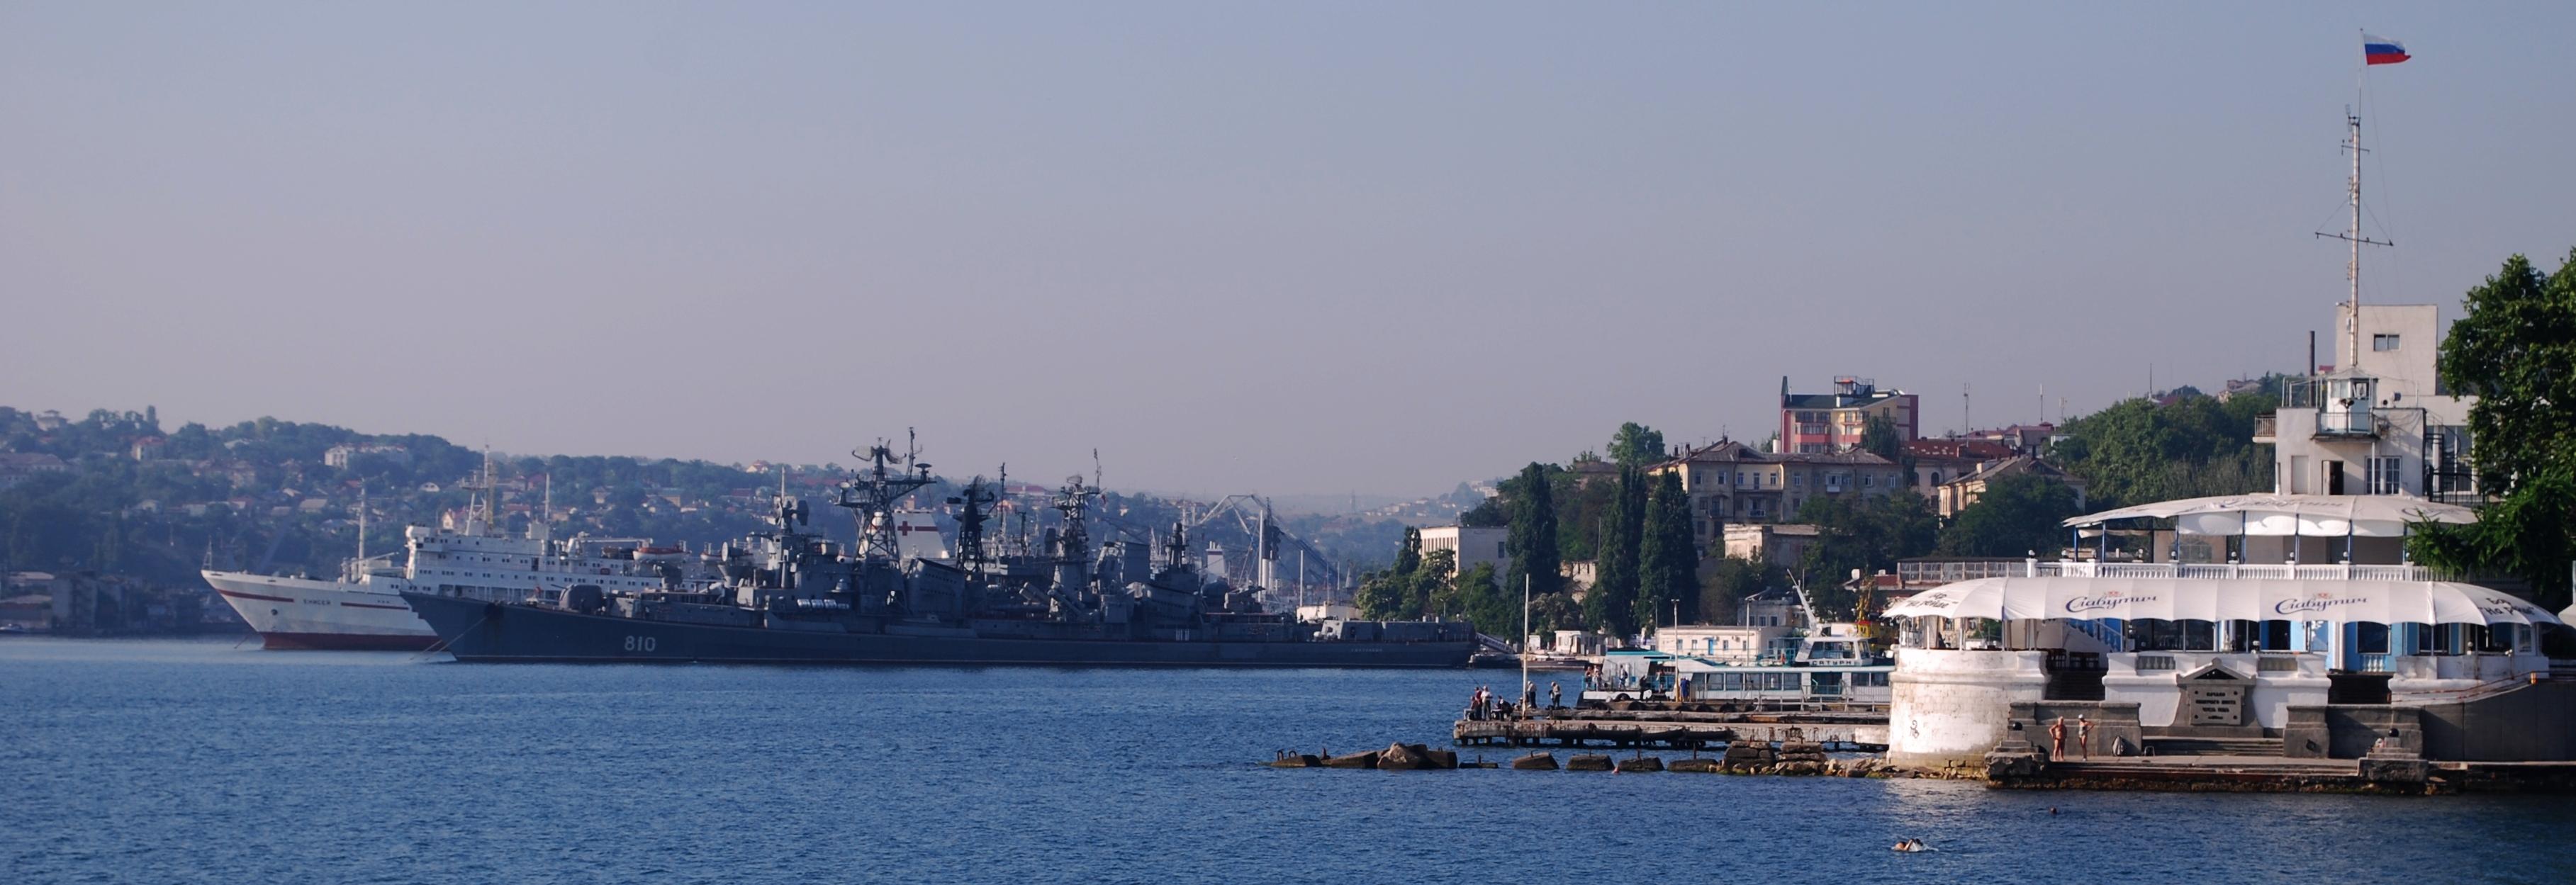 La rade de Sebastopol en Crimée avec les vaisseaux de la marine russe. (Photo Oleg Kobtzeff)